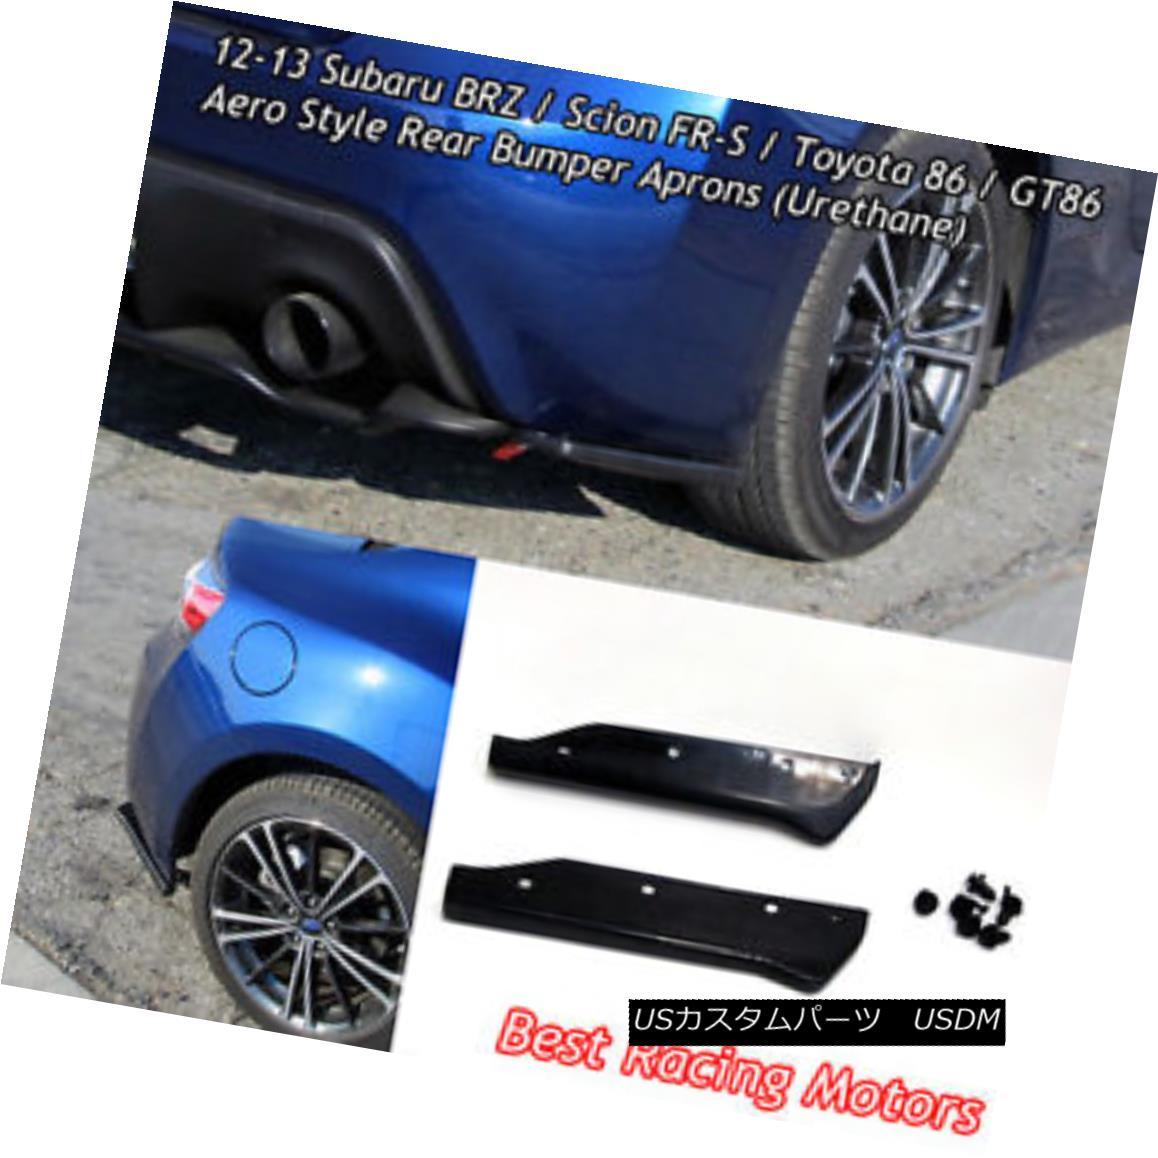 エアロパーツ Aero Style Rear Bumper Aprons (Urethane) Fits 12-18 BRZ エアロスタイルのリアバンパーエプロン(ウレタン)12-18 BRZ